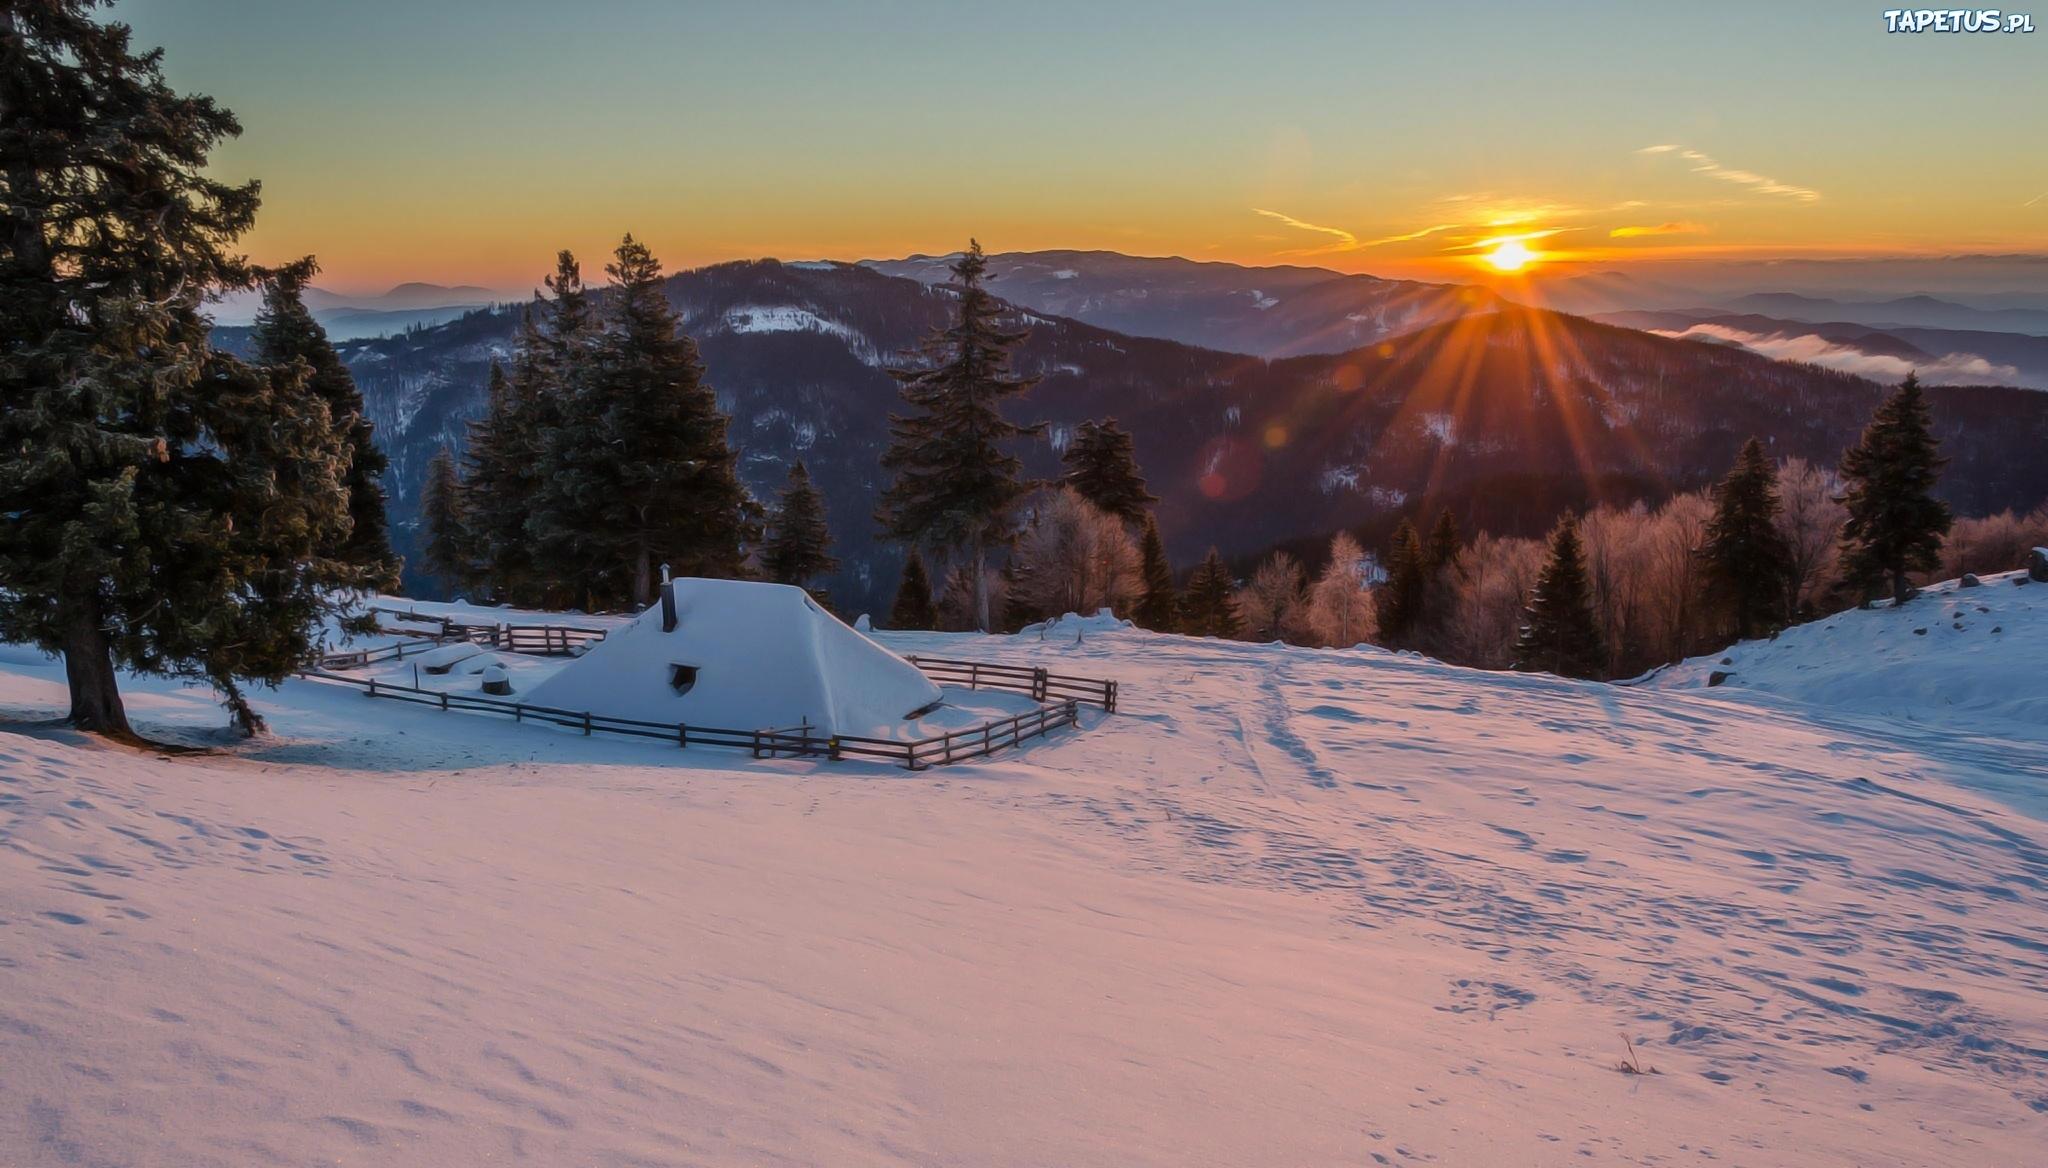 зима снег если солнце горы скачать